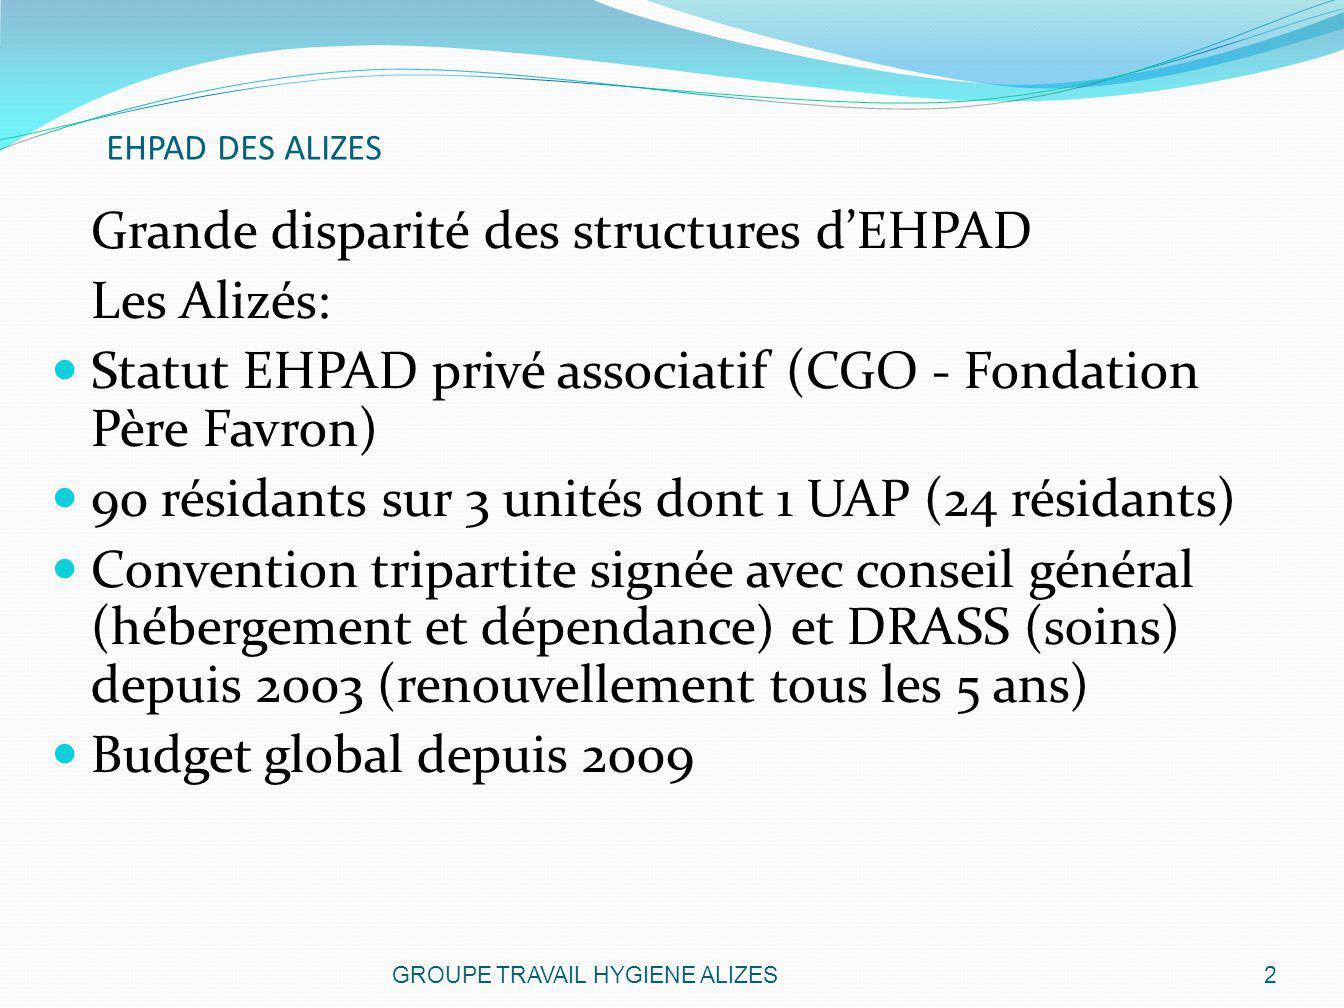 EHPAD DES ALIZES 1 Médecin coordonnateur Intervenants libéraux (médecins généralistes ou spécialistes, orthophoniste..) ou vacataires (psychiatre) 1 PUI depuis 2004 avec 1 pharmacien gérant pour les 2 EHPAD Environ 60 ETP (80 personnes) dont kiné, ergo, psychomotricienne Quelques conventions avec des équipes opérationnelles (HAD - UMSP) mais pas pour hygiène GROUPE TRAVAIL HYGIENE ALIZES3